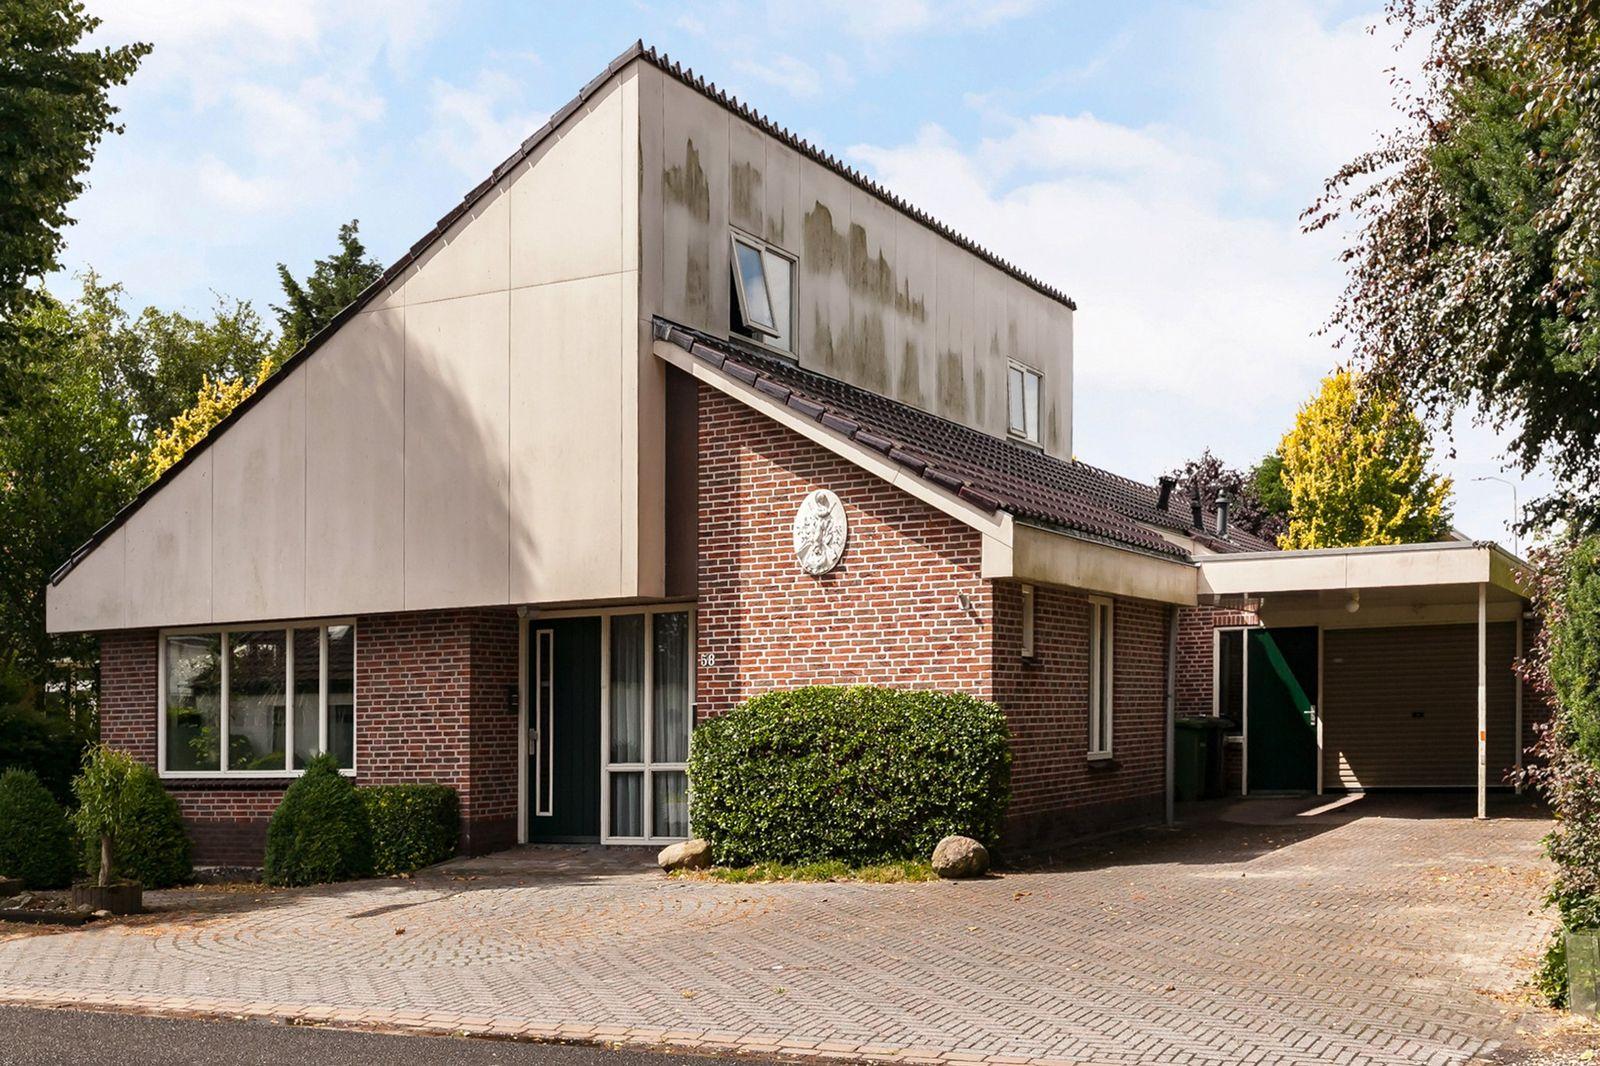 Woldweg 58, Kropswolde